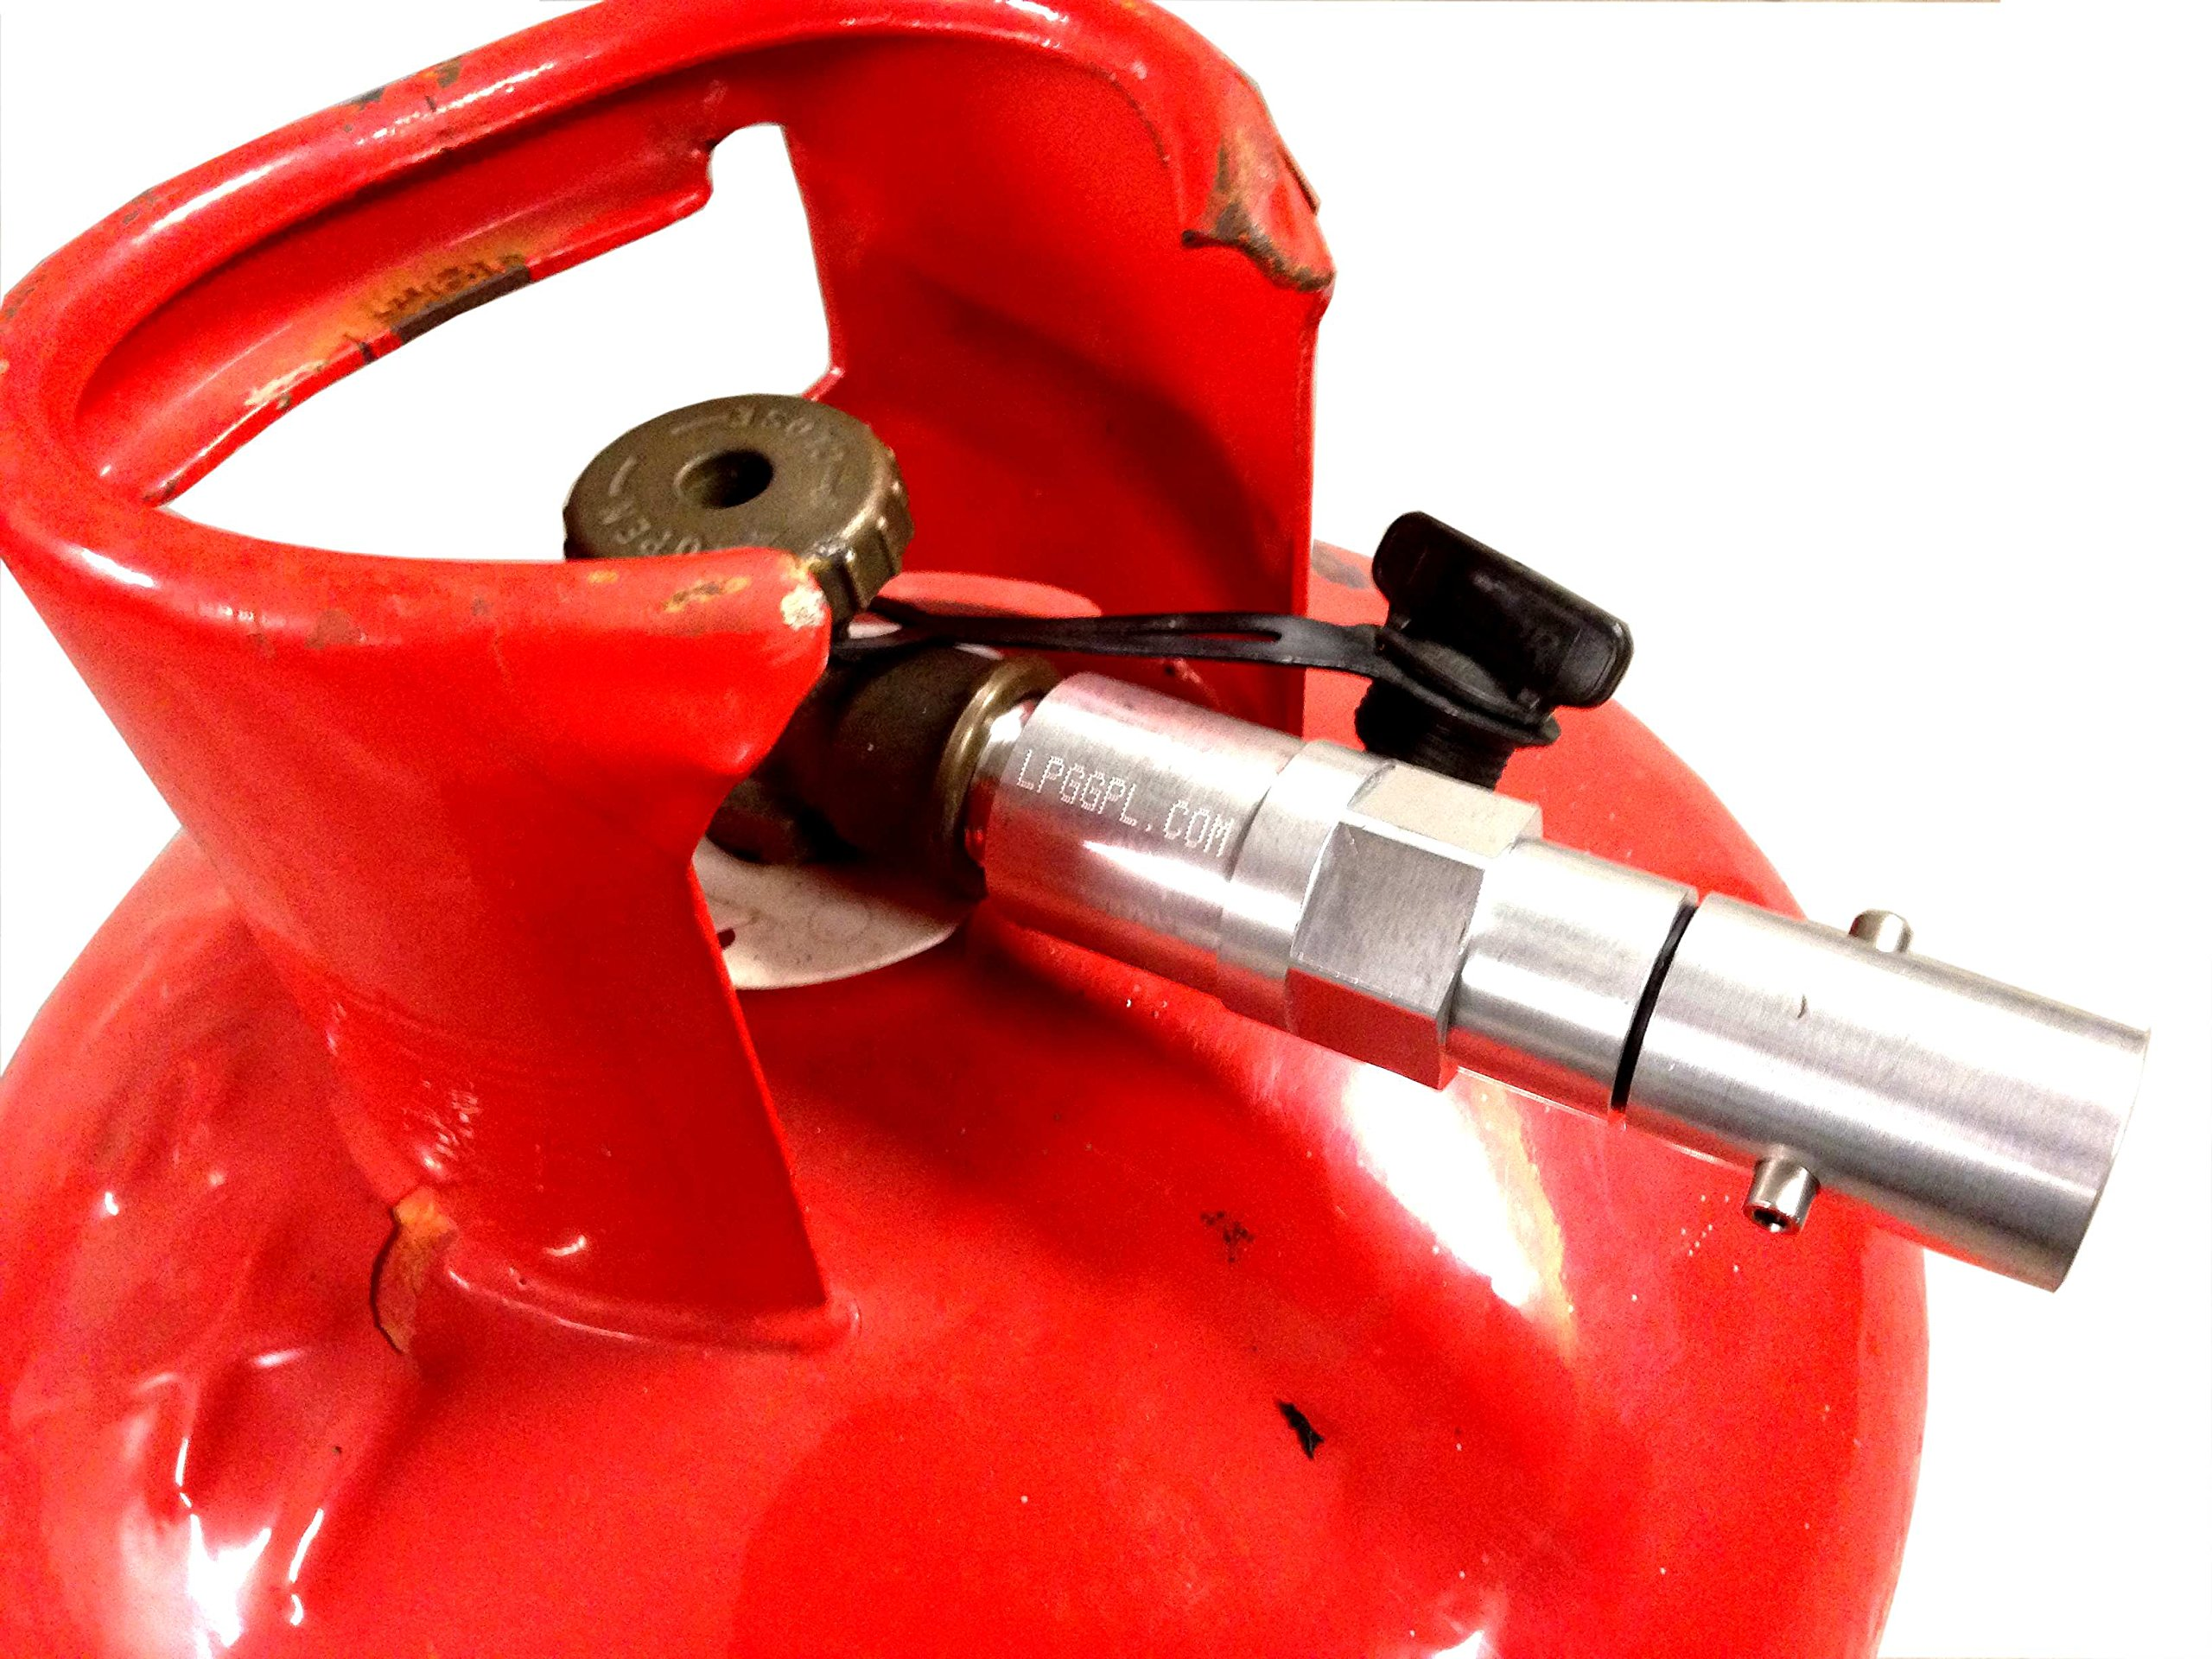 lpg gas bottle filling adaptor REMOTE 2m with non return valve autogas caravans 2